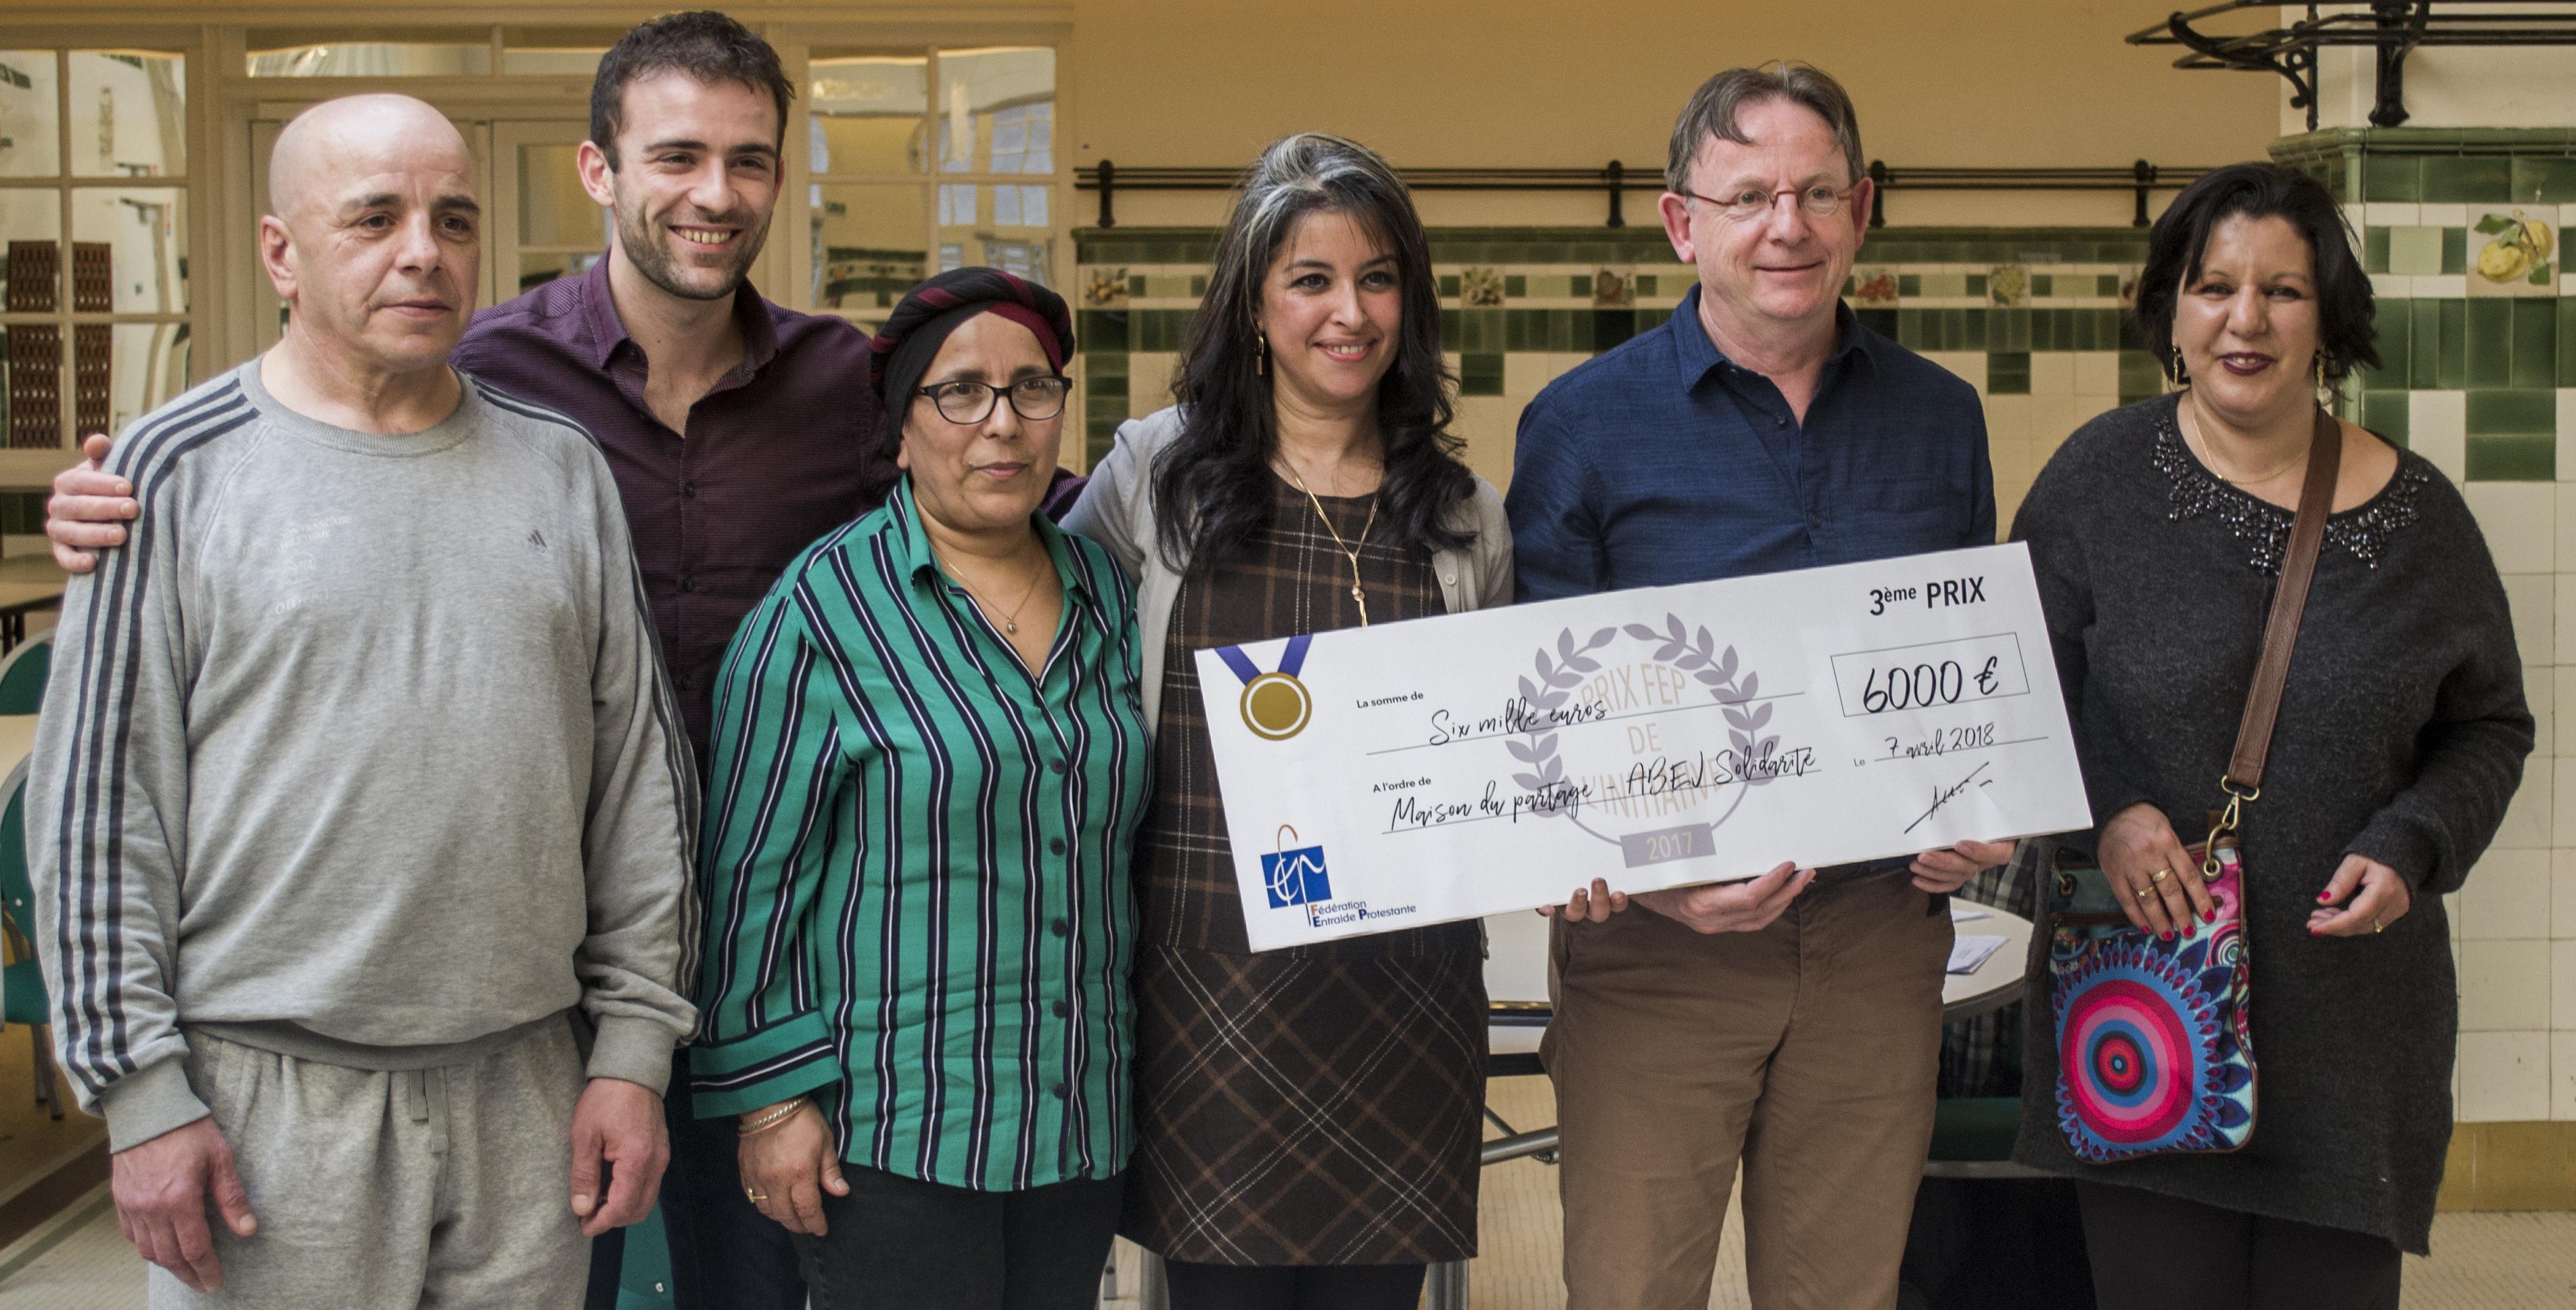 Prix de l'initiative 2017, 3ème prix pour la Maison du Partage